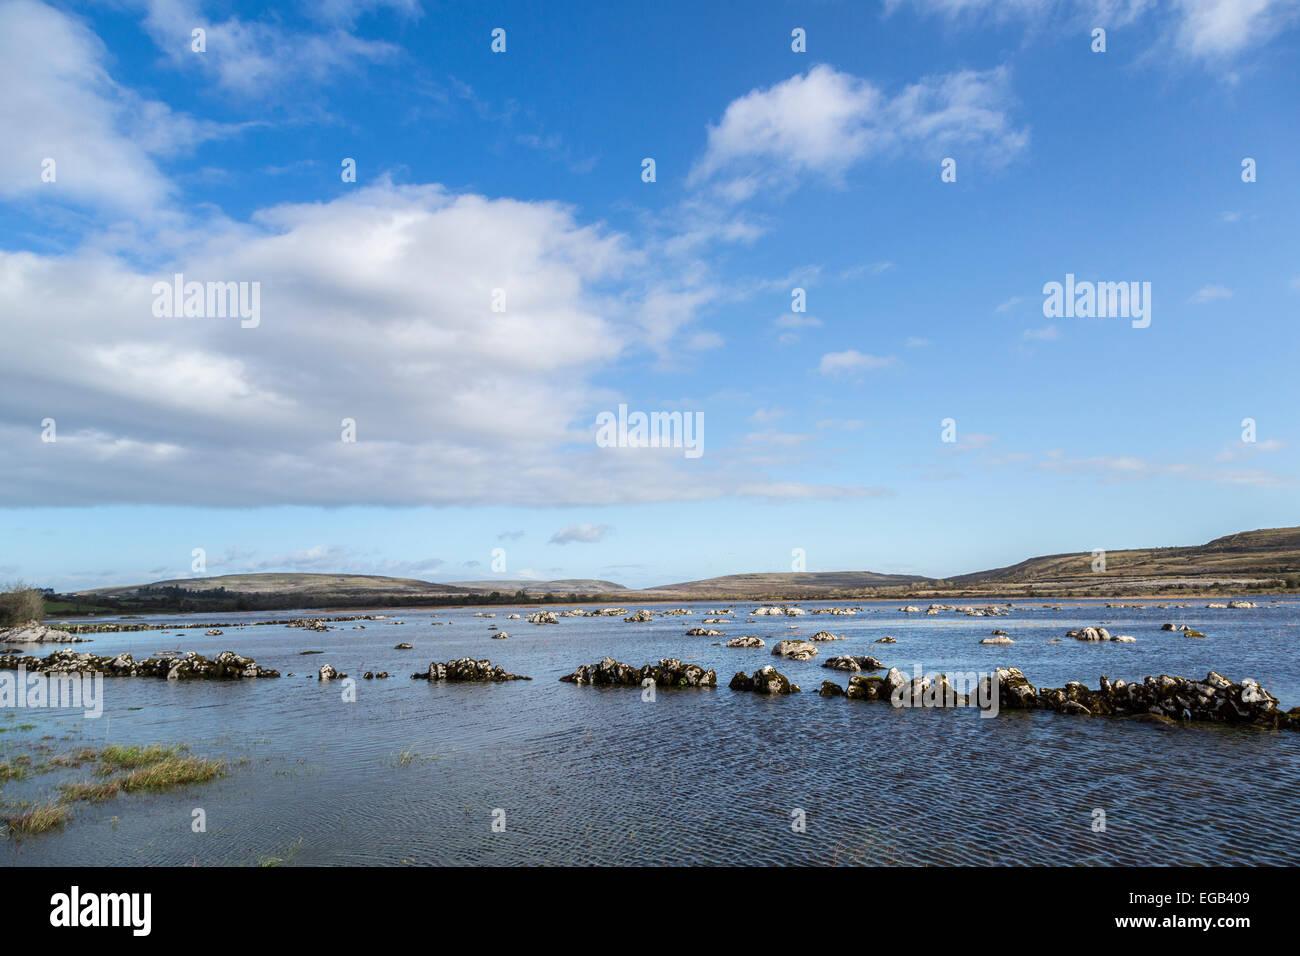 Carran Turlough stagionali campi allagati, Burren, Co. Clare, Irlanda Immagini Stock